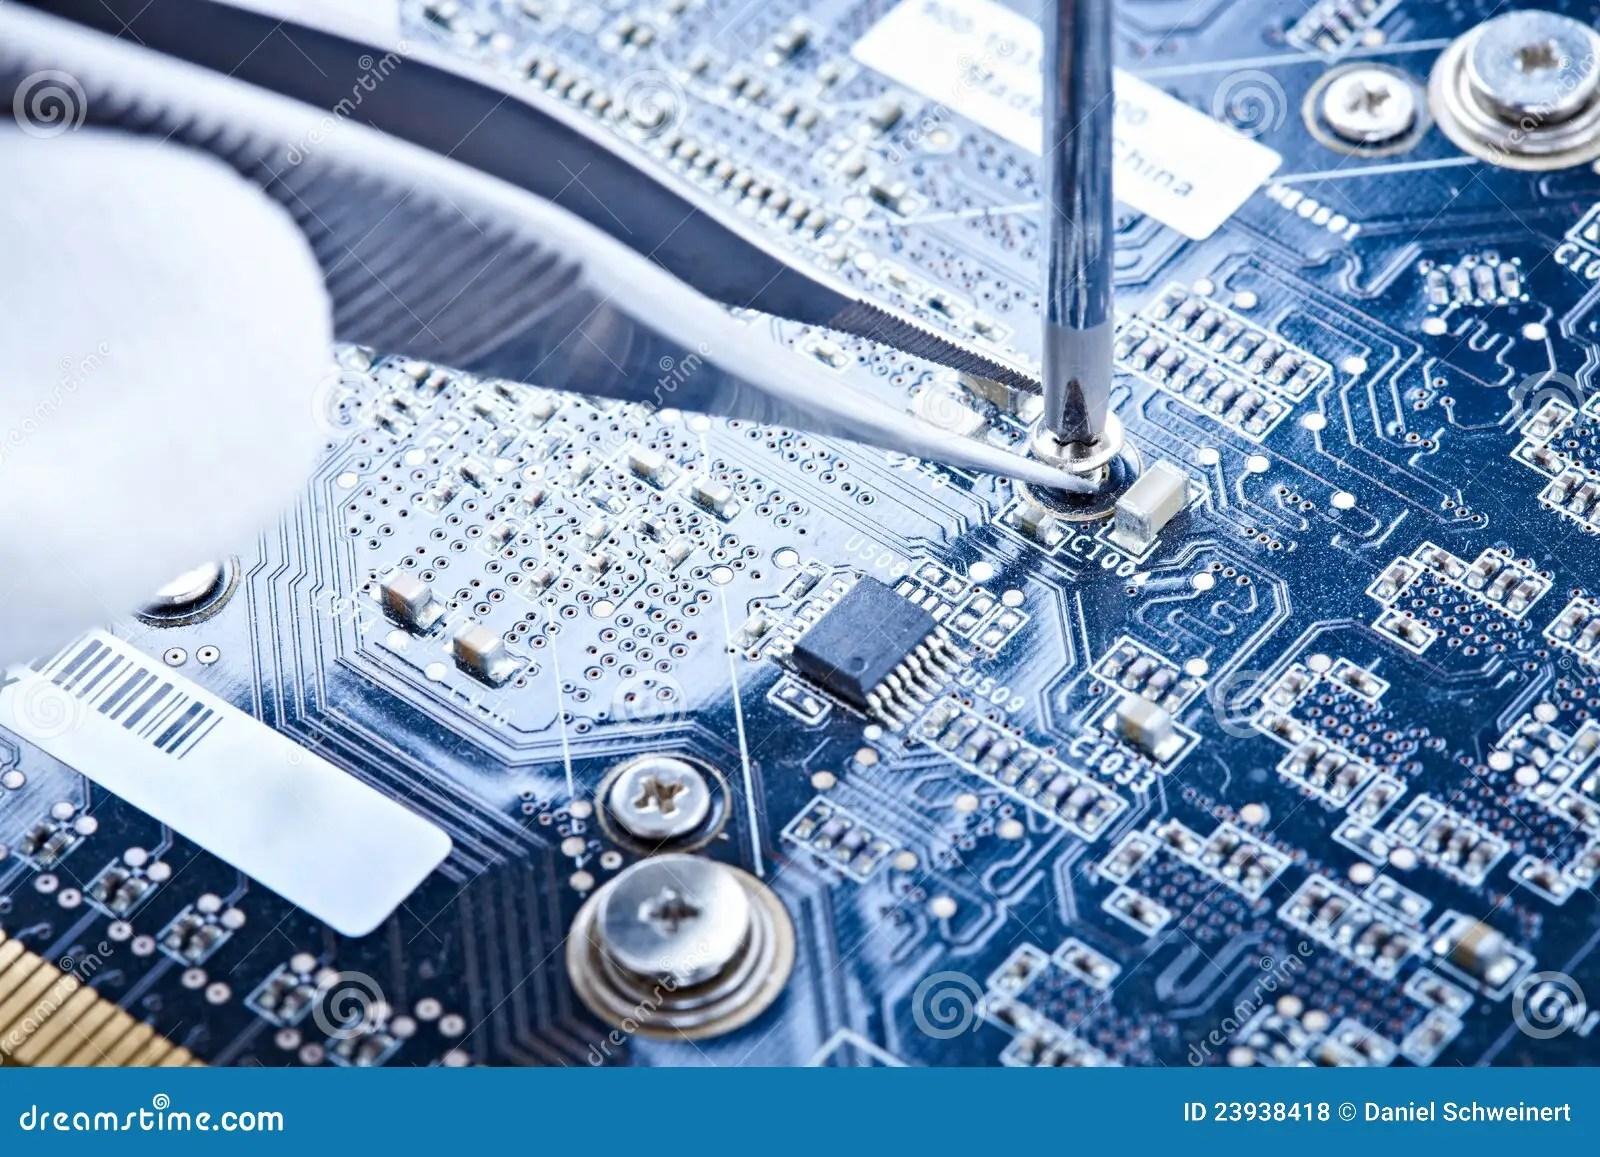 Notebook Repair Printed Circuit Board Stock Photo